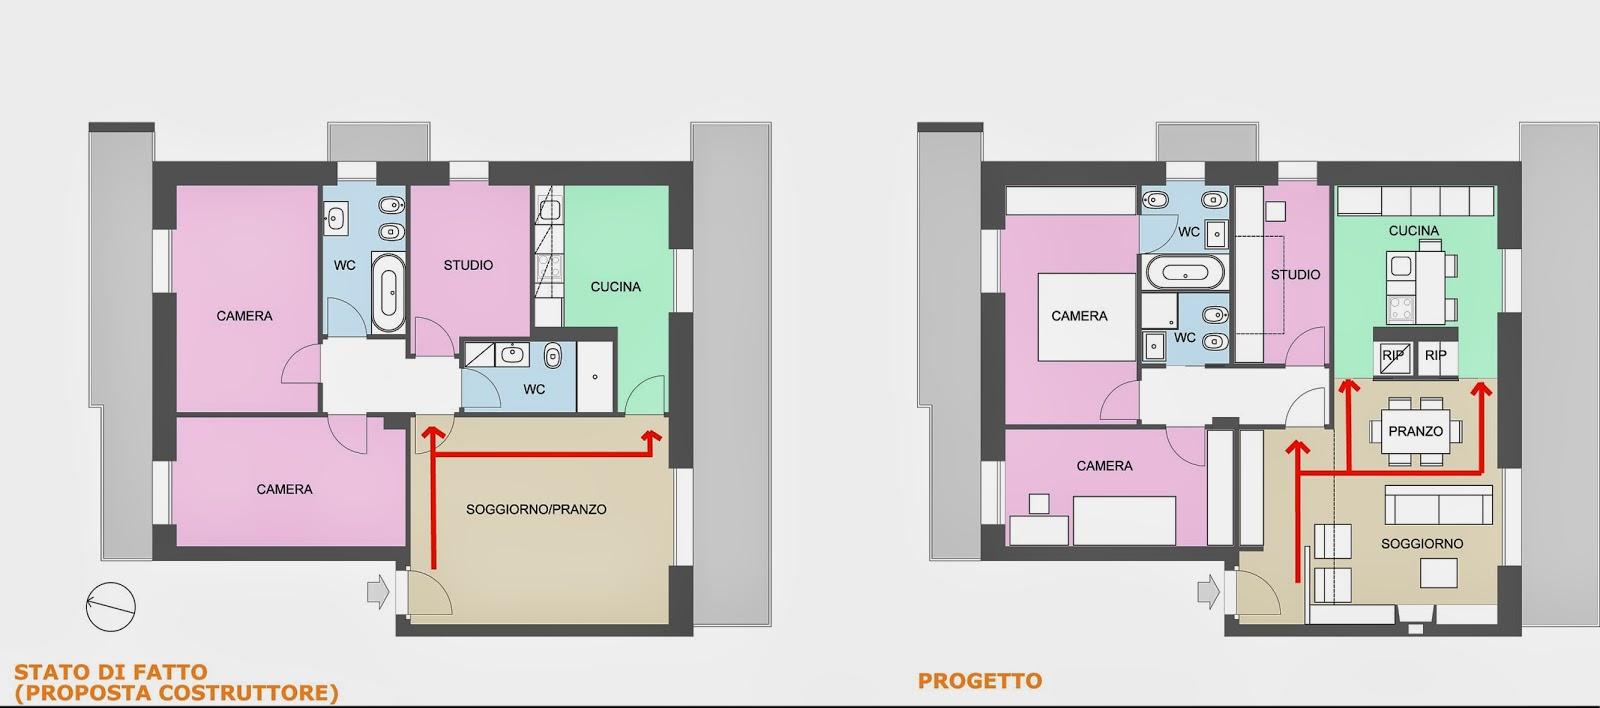 Appunti di architettura progettati da gk architetti casa m for Case ristrutturate da architetti